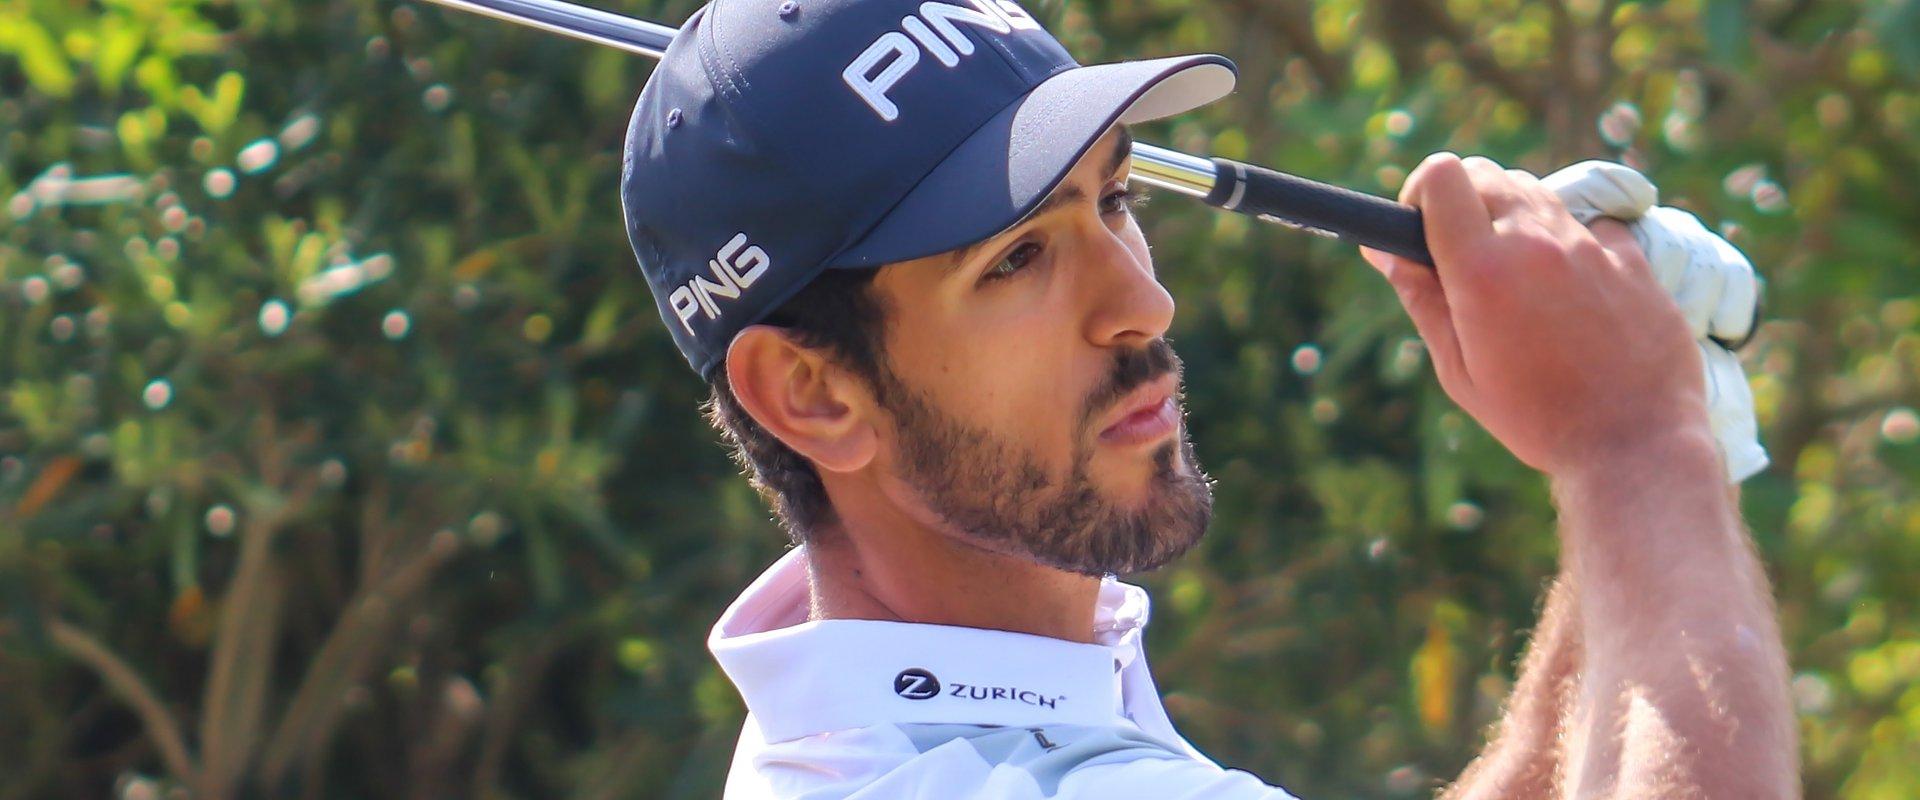 Zurich patrocina golfista Tomás Bessa